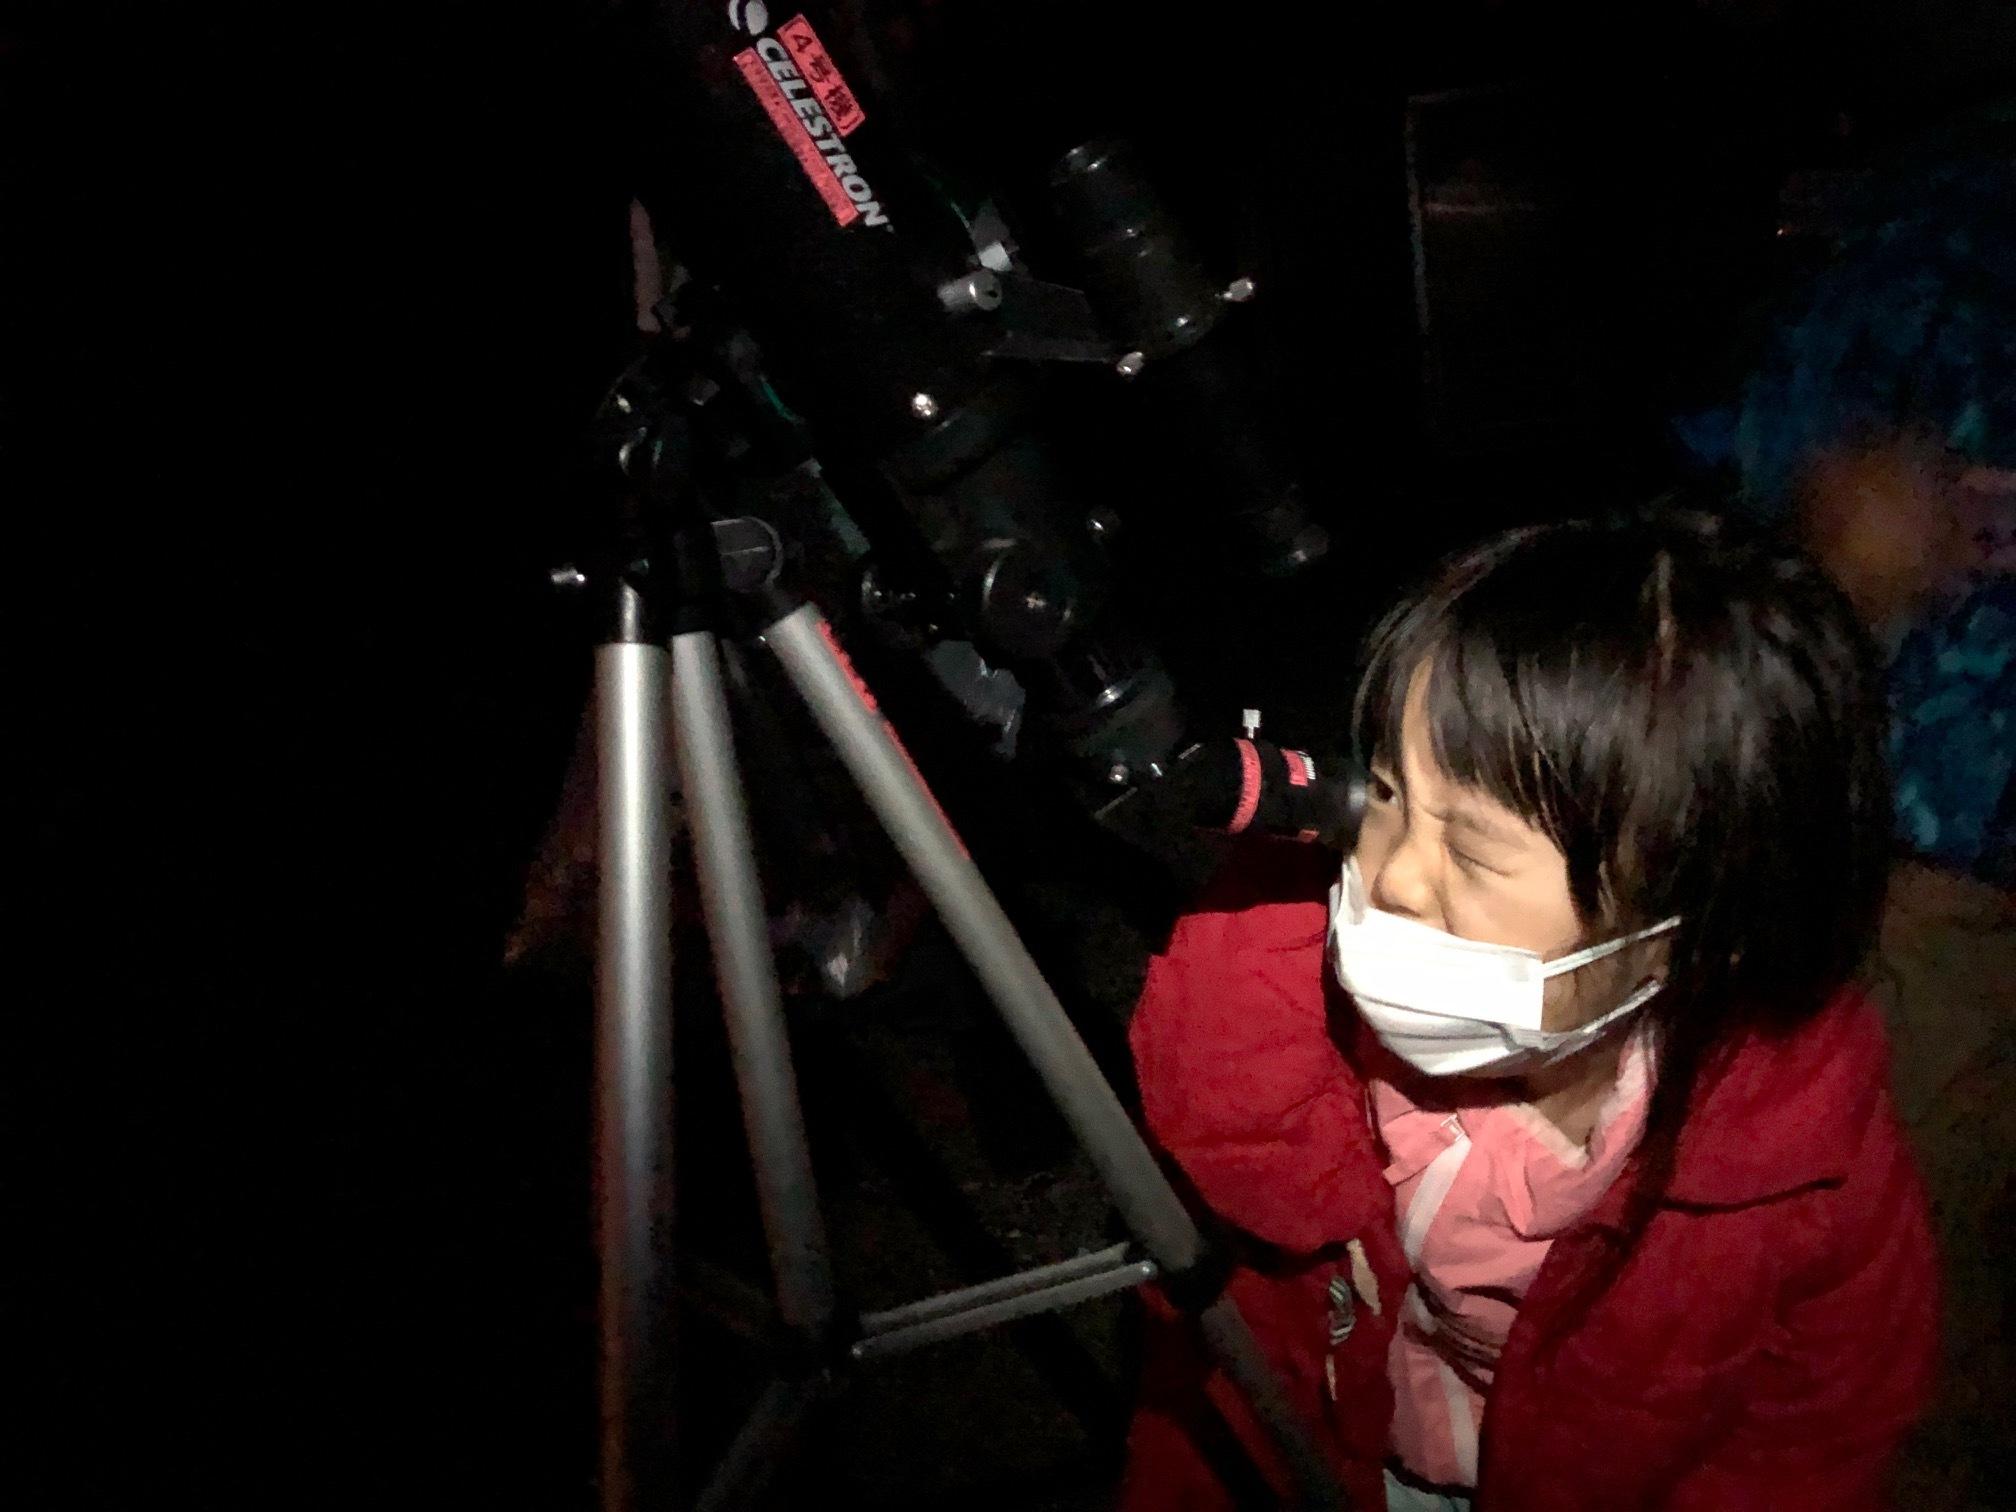 星空キャンプ〔2日目〕今夜のメニューは「てづくりぎょう座」お腹いっぱいになって、一瞬だけど月も見えた!_d0363878_23015351.jpg